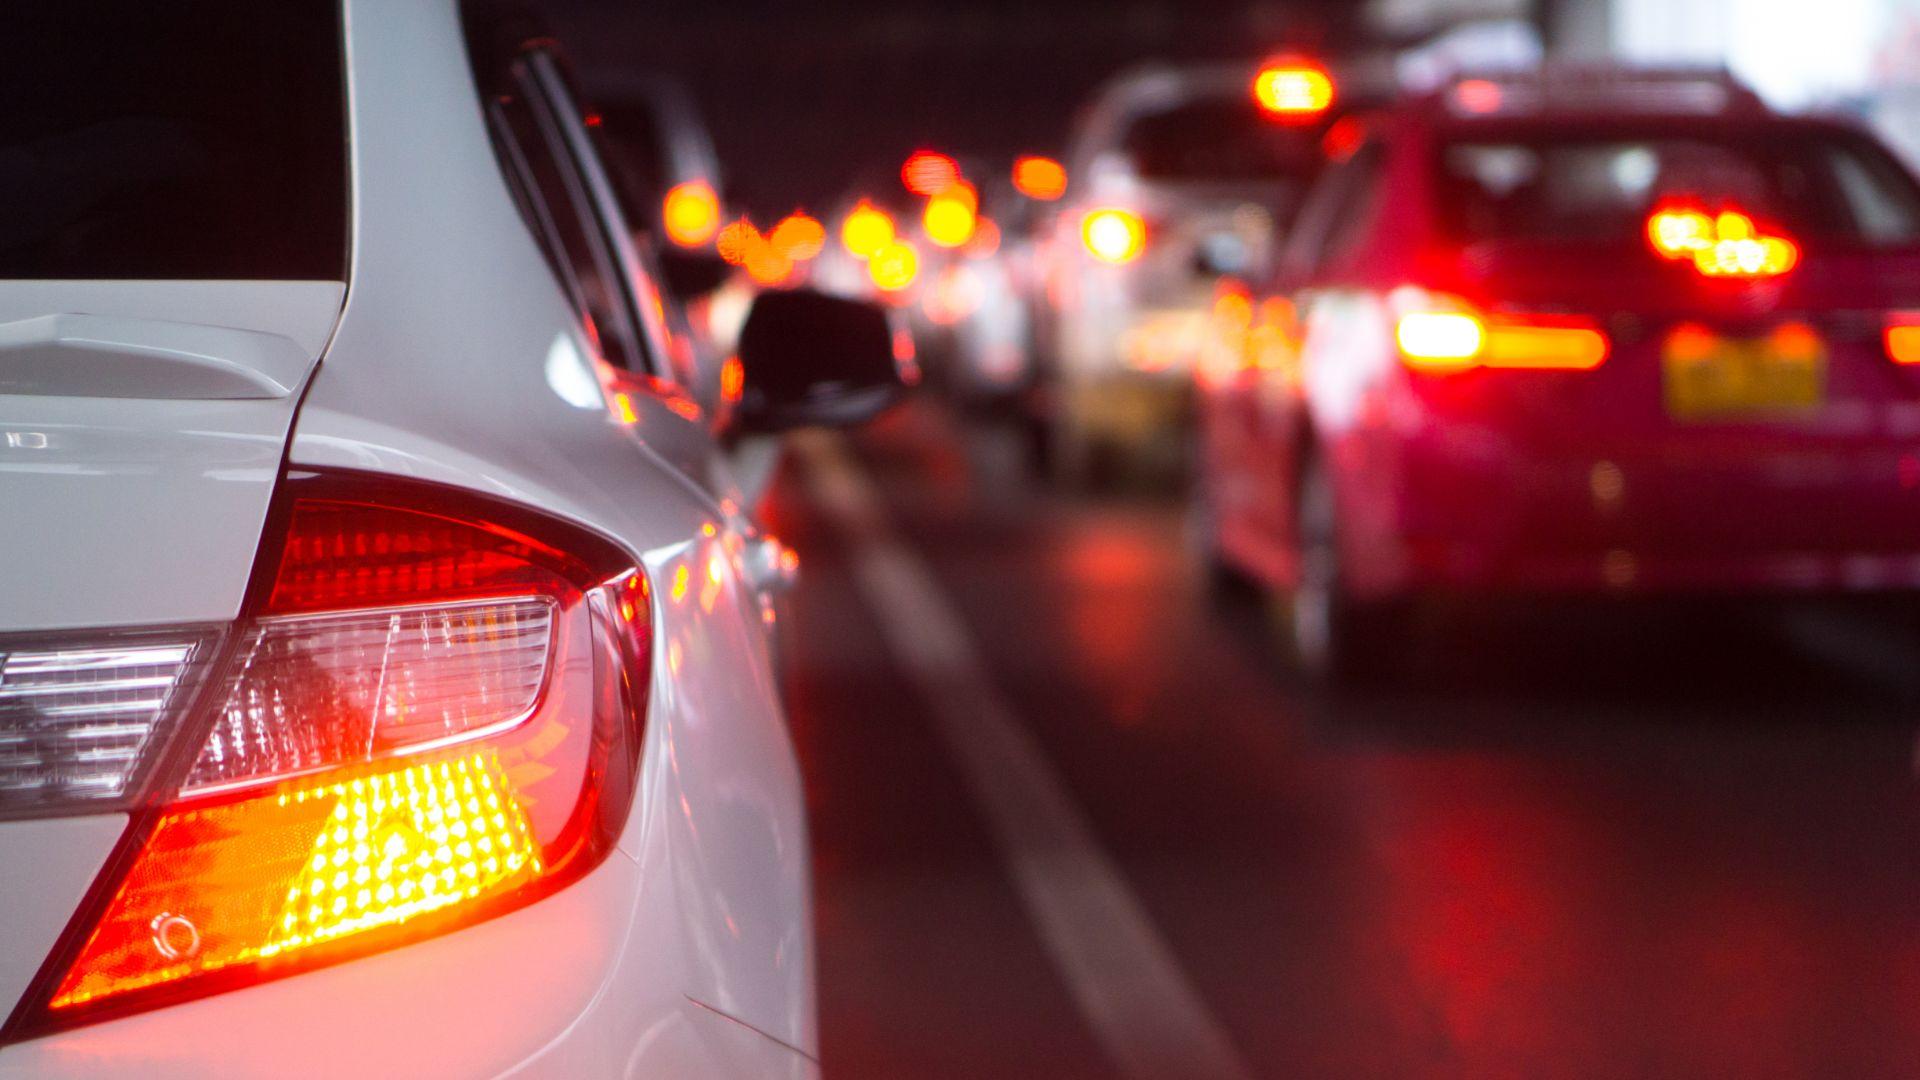 Brake dust emissions as bad as diesel